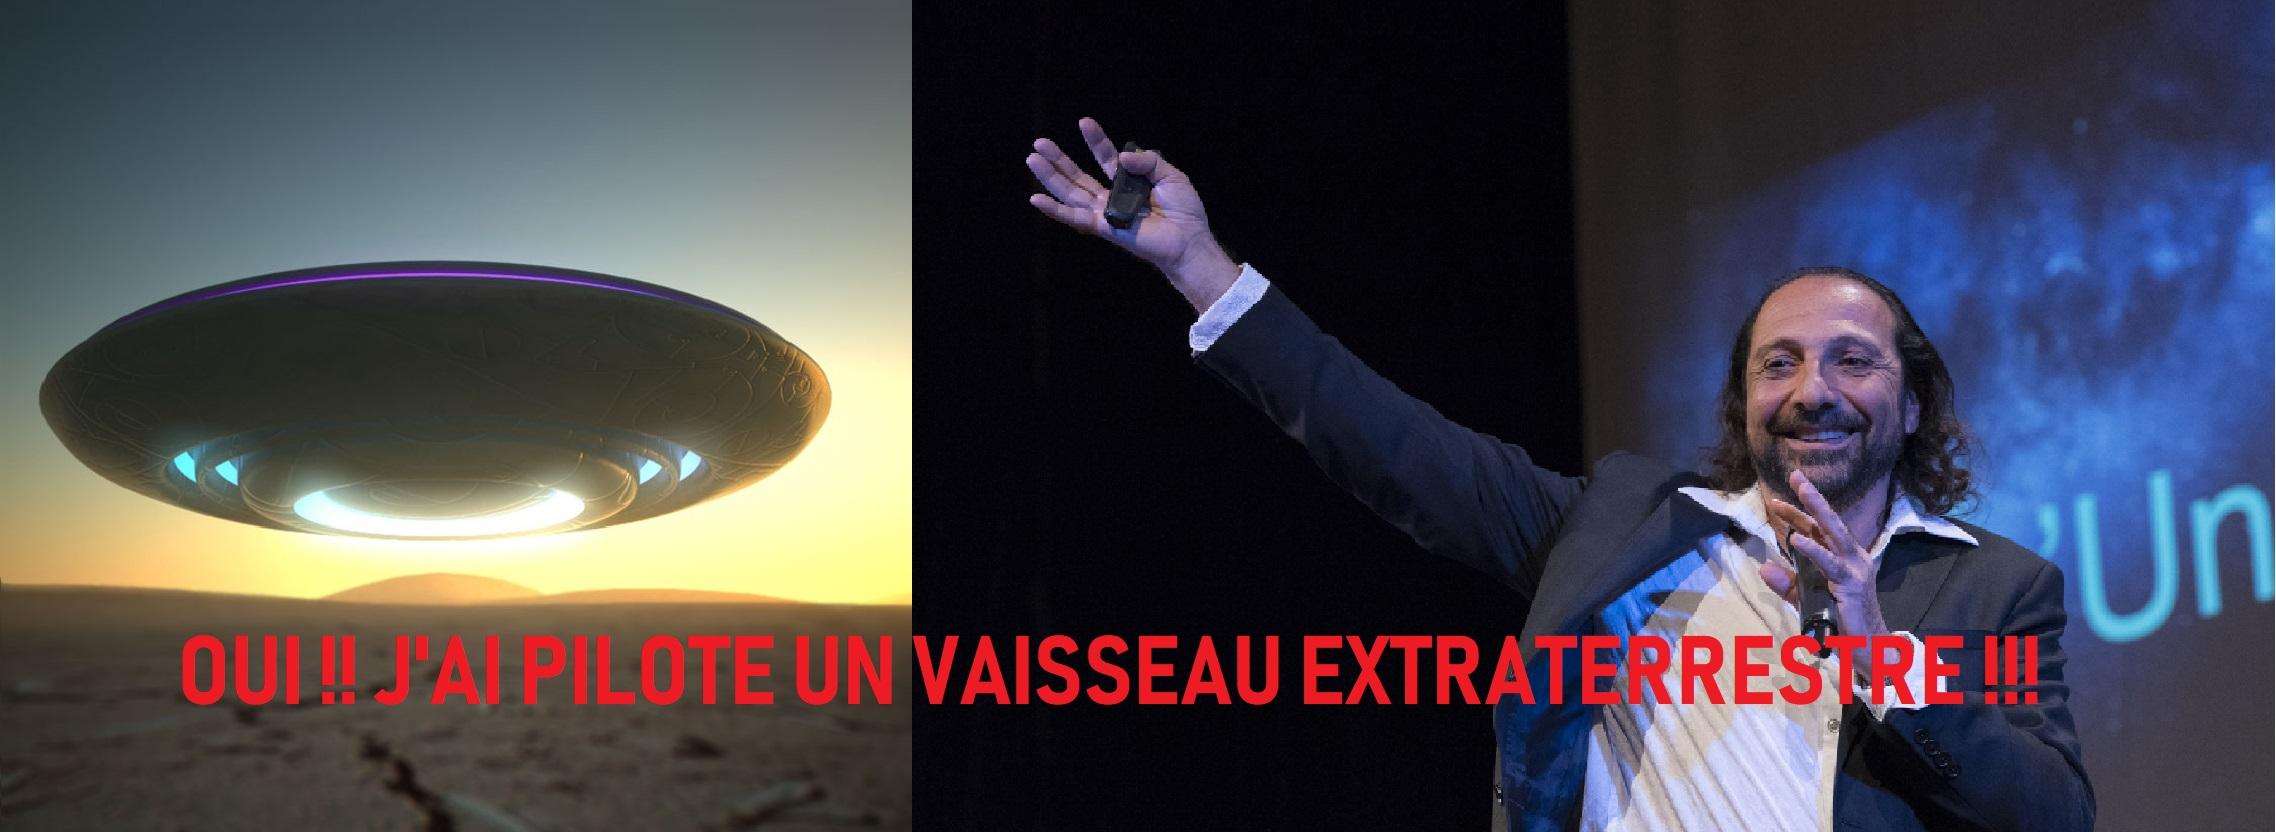 EXCLUSIF!!! LE CÉLÈBRE PHYSICIEN NASSIM HARAMEIN RÉVÈLE AVOIR PILOTÉ UN ENGIN EXTRATERRESTRE DÈS L'AGE DE 8 ANS !!!